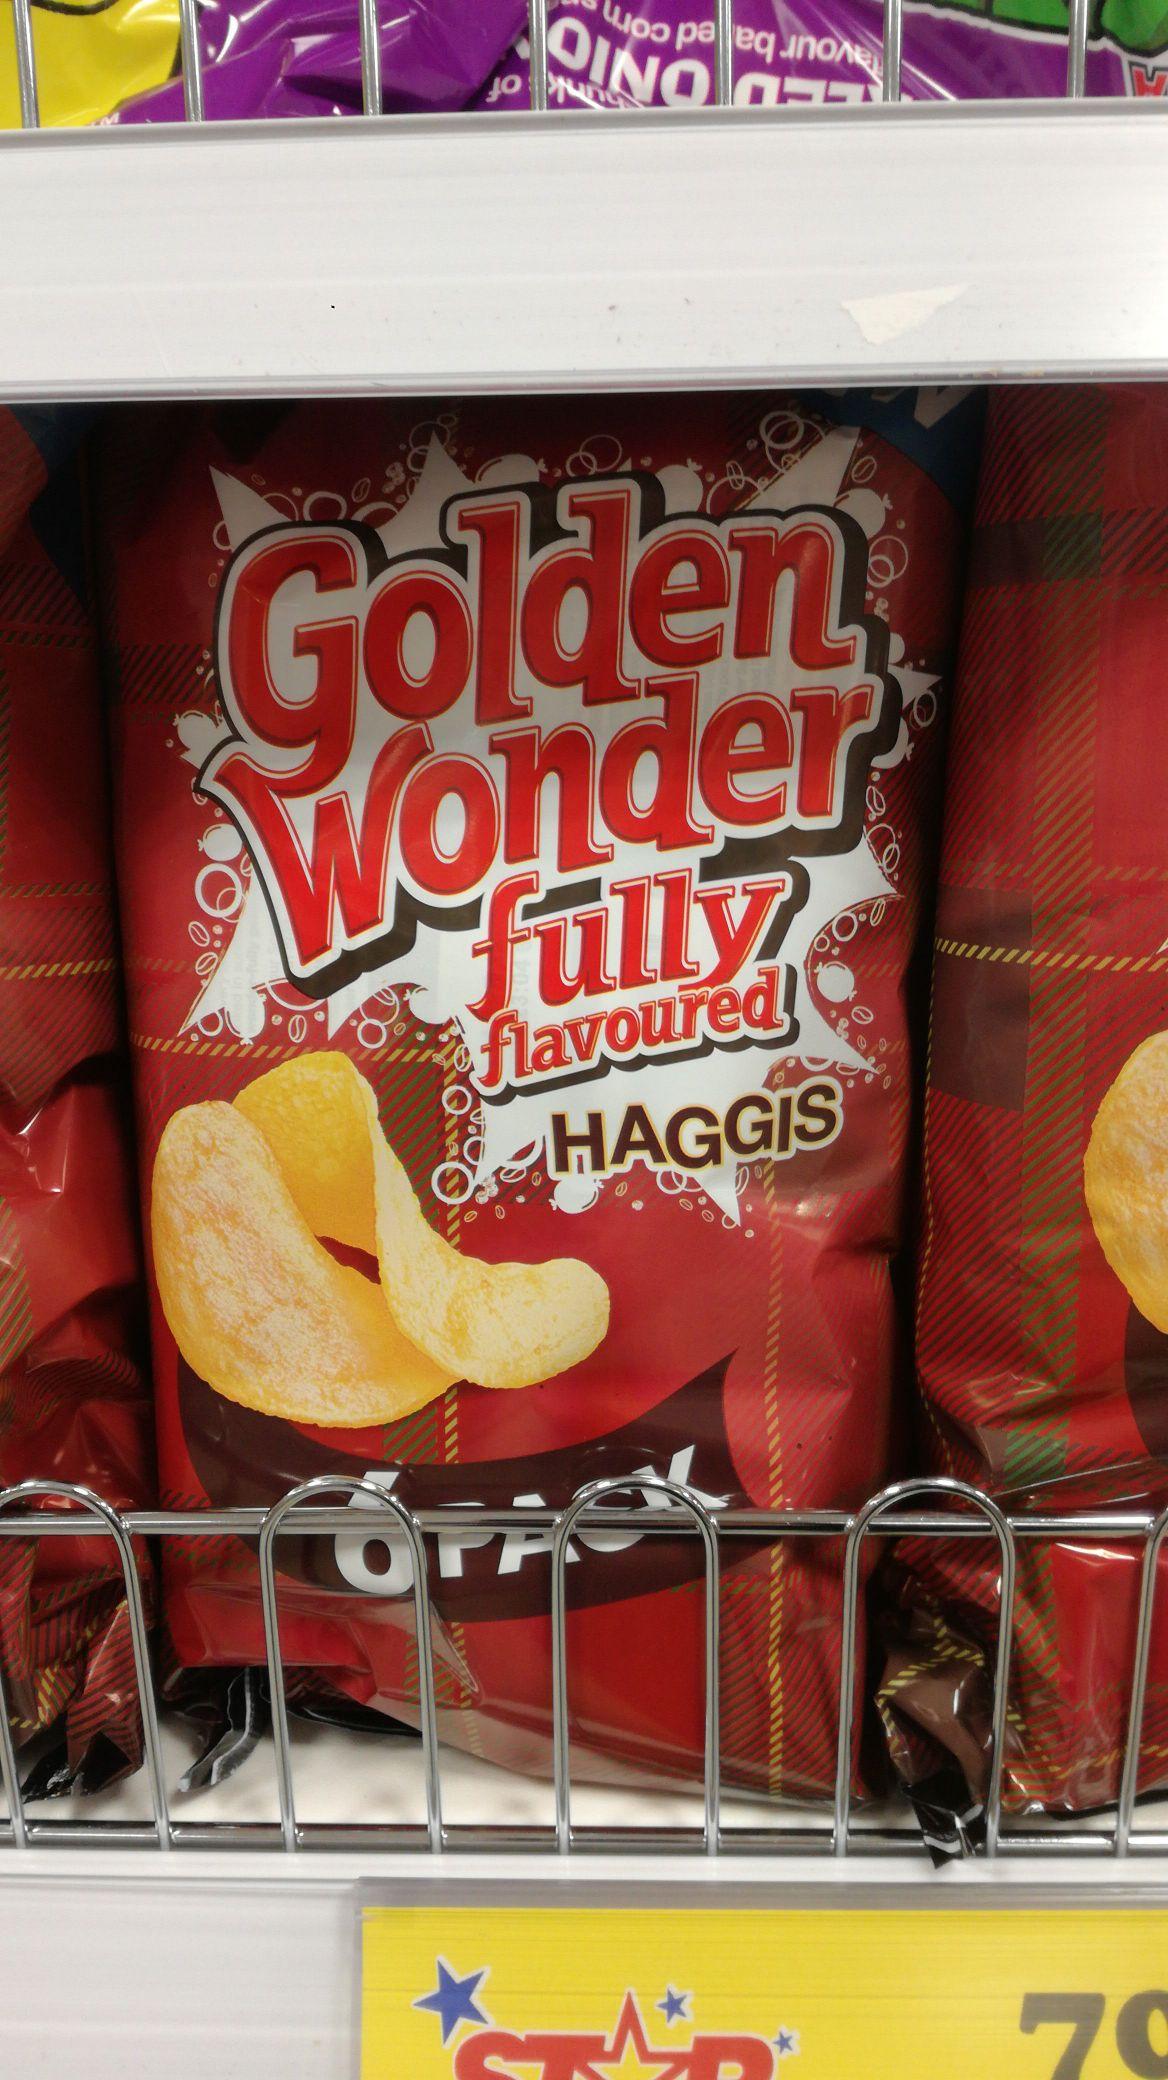 6 pack Golden Wonder Haggis flavoured crisp @ Home Bargains for 79p